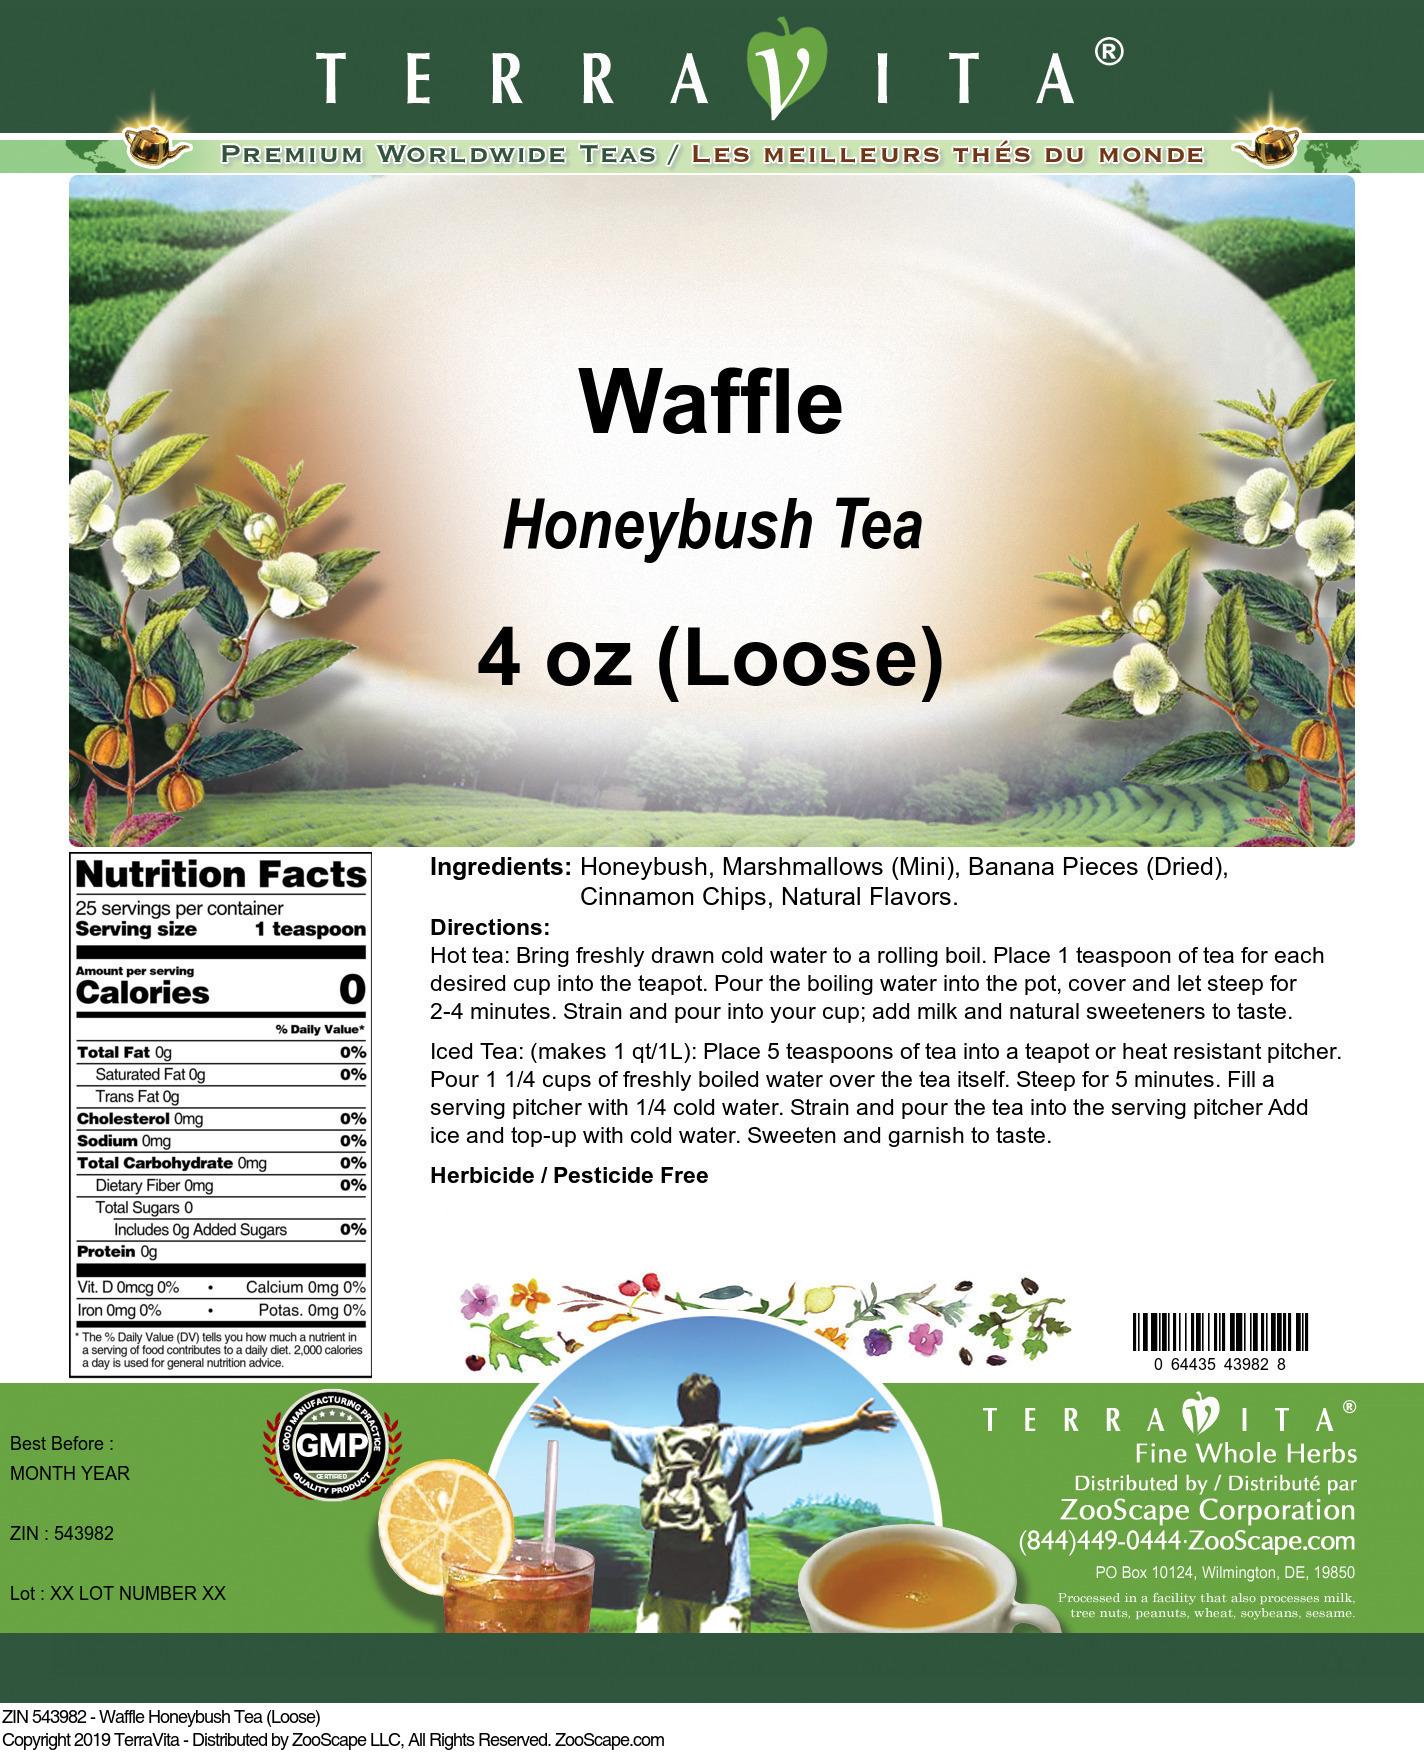 Waffle Honeybush Tea (Loose)